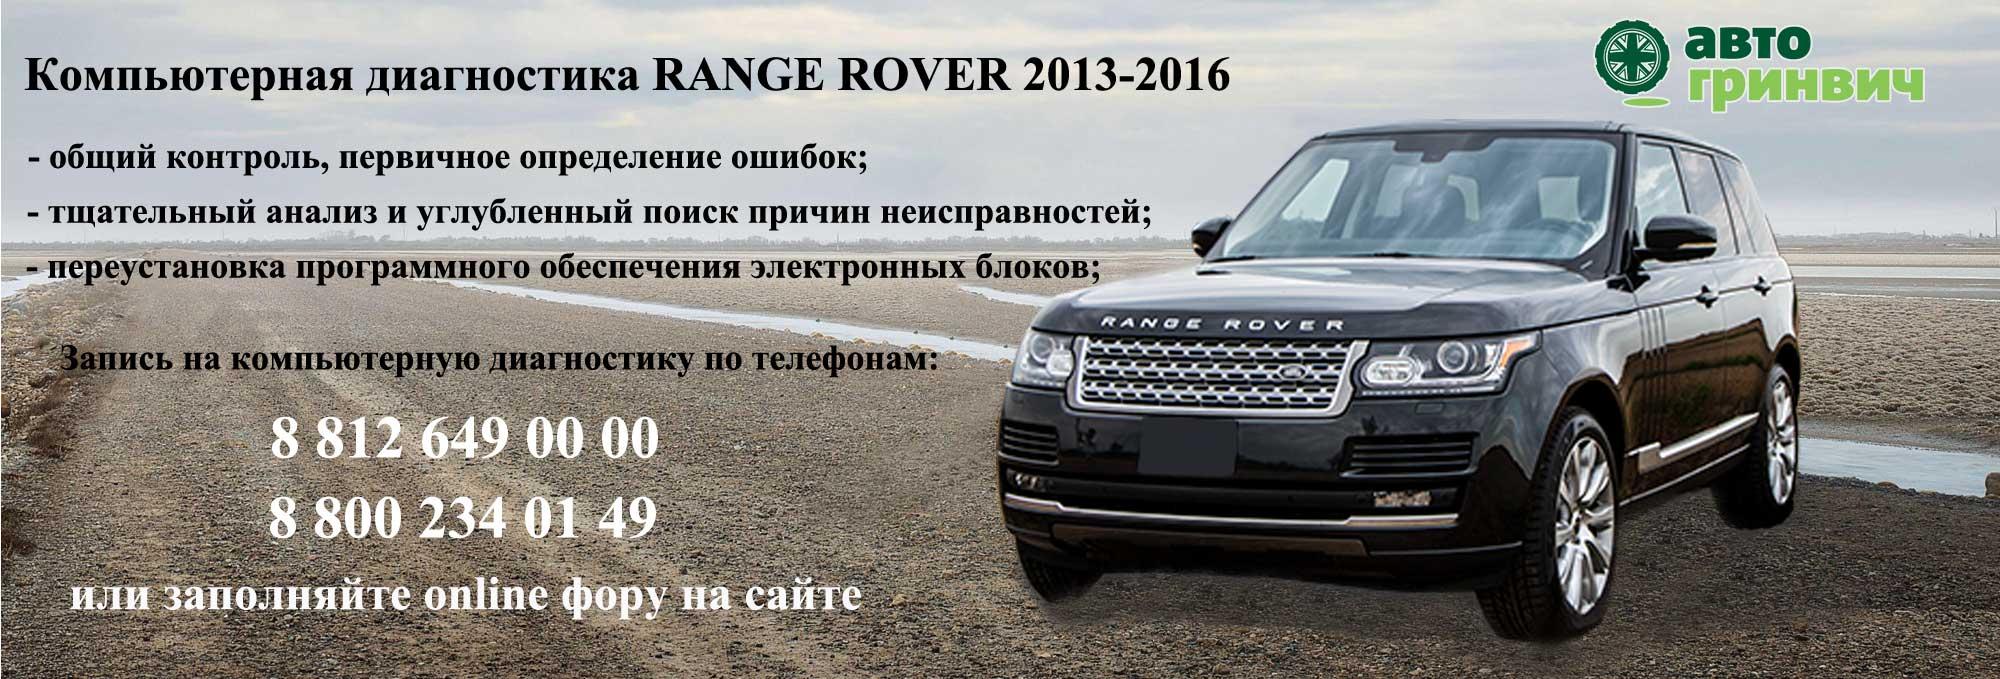 Диагностика Range Rover 2013-2016